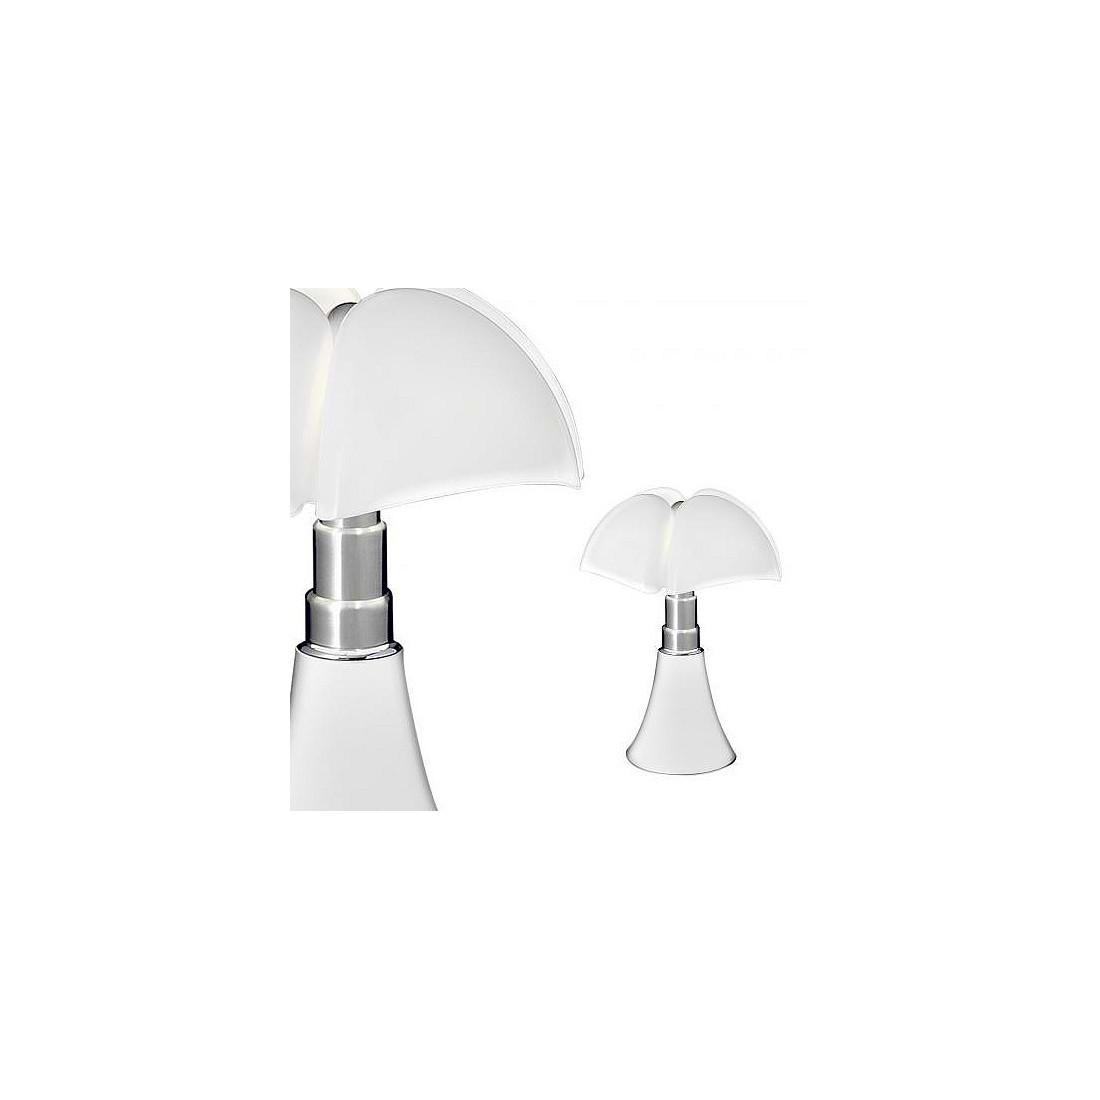 Veritable lampe mini pipistrello blanche par martinelli luce - Achat lampe pipistrello ...